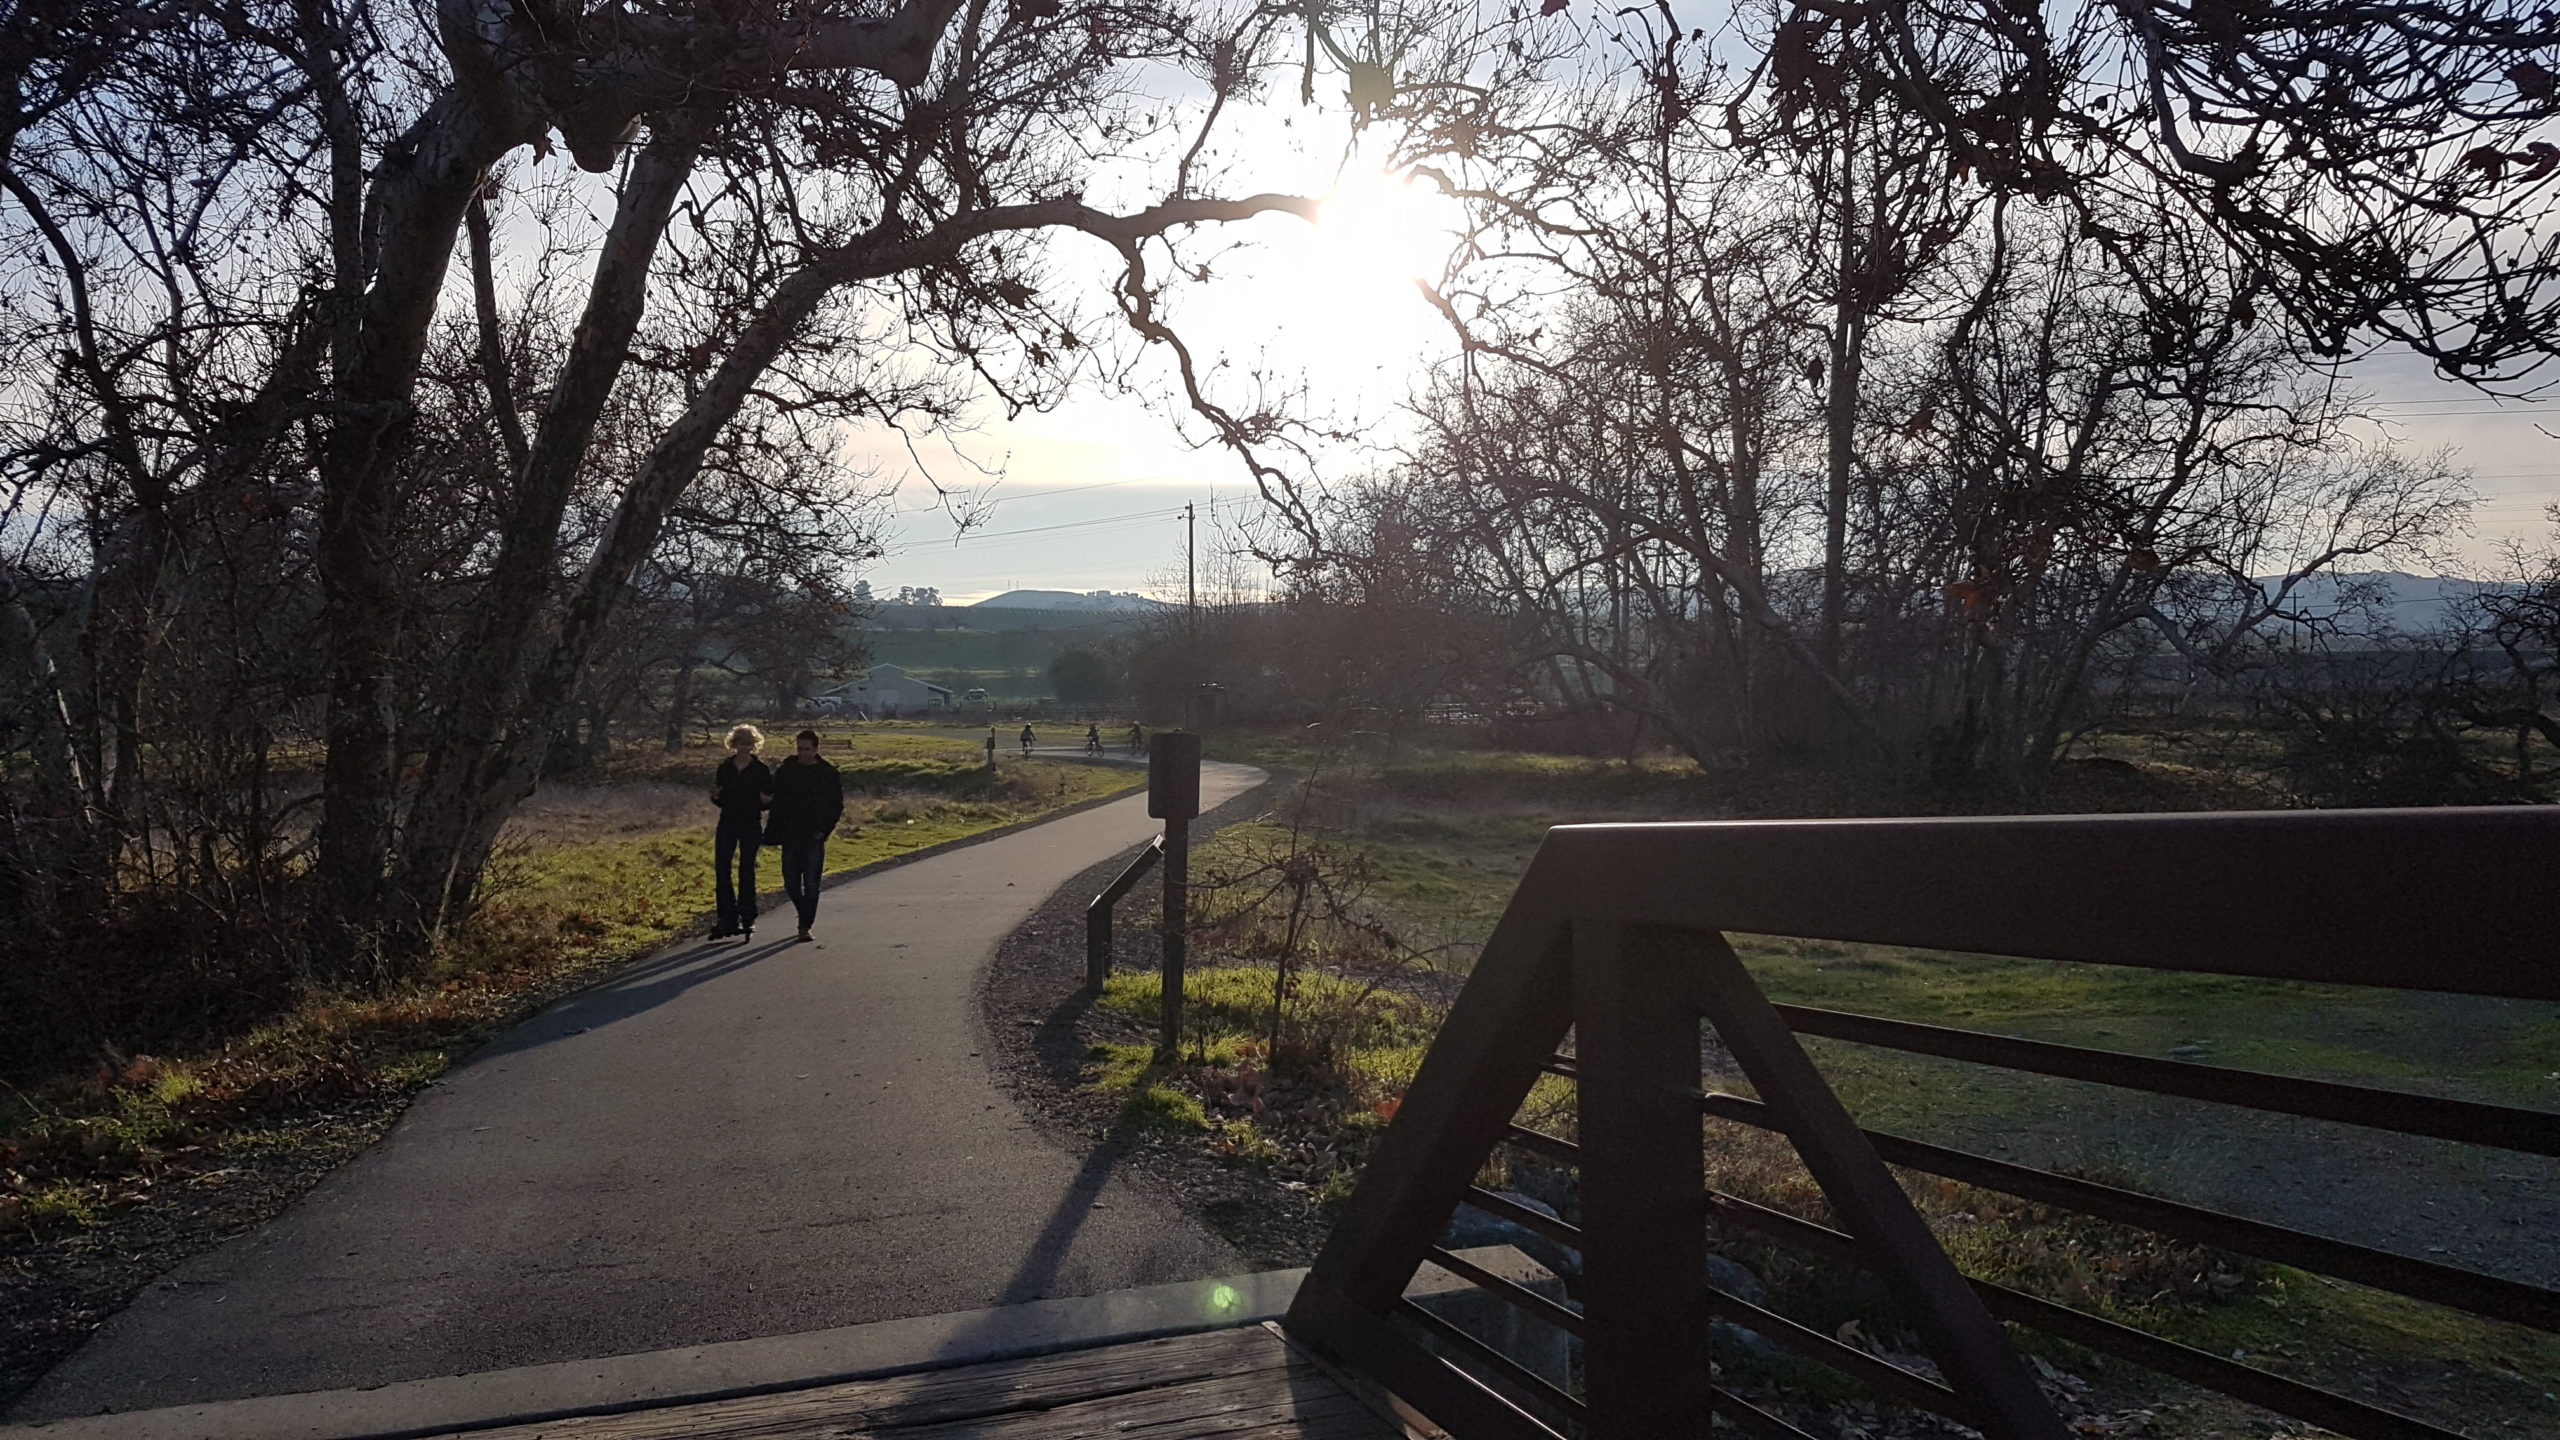 Sycamore grove park Livermore Californie